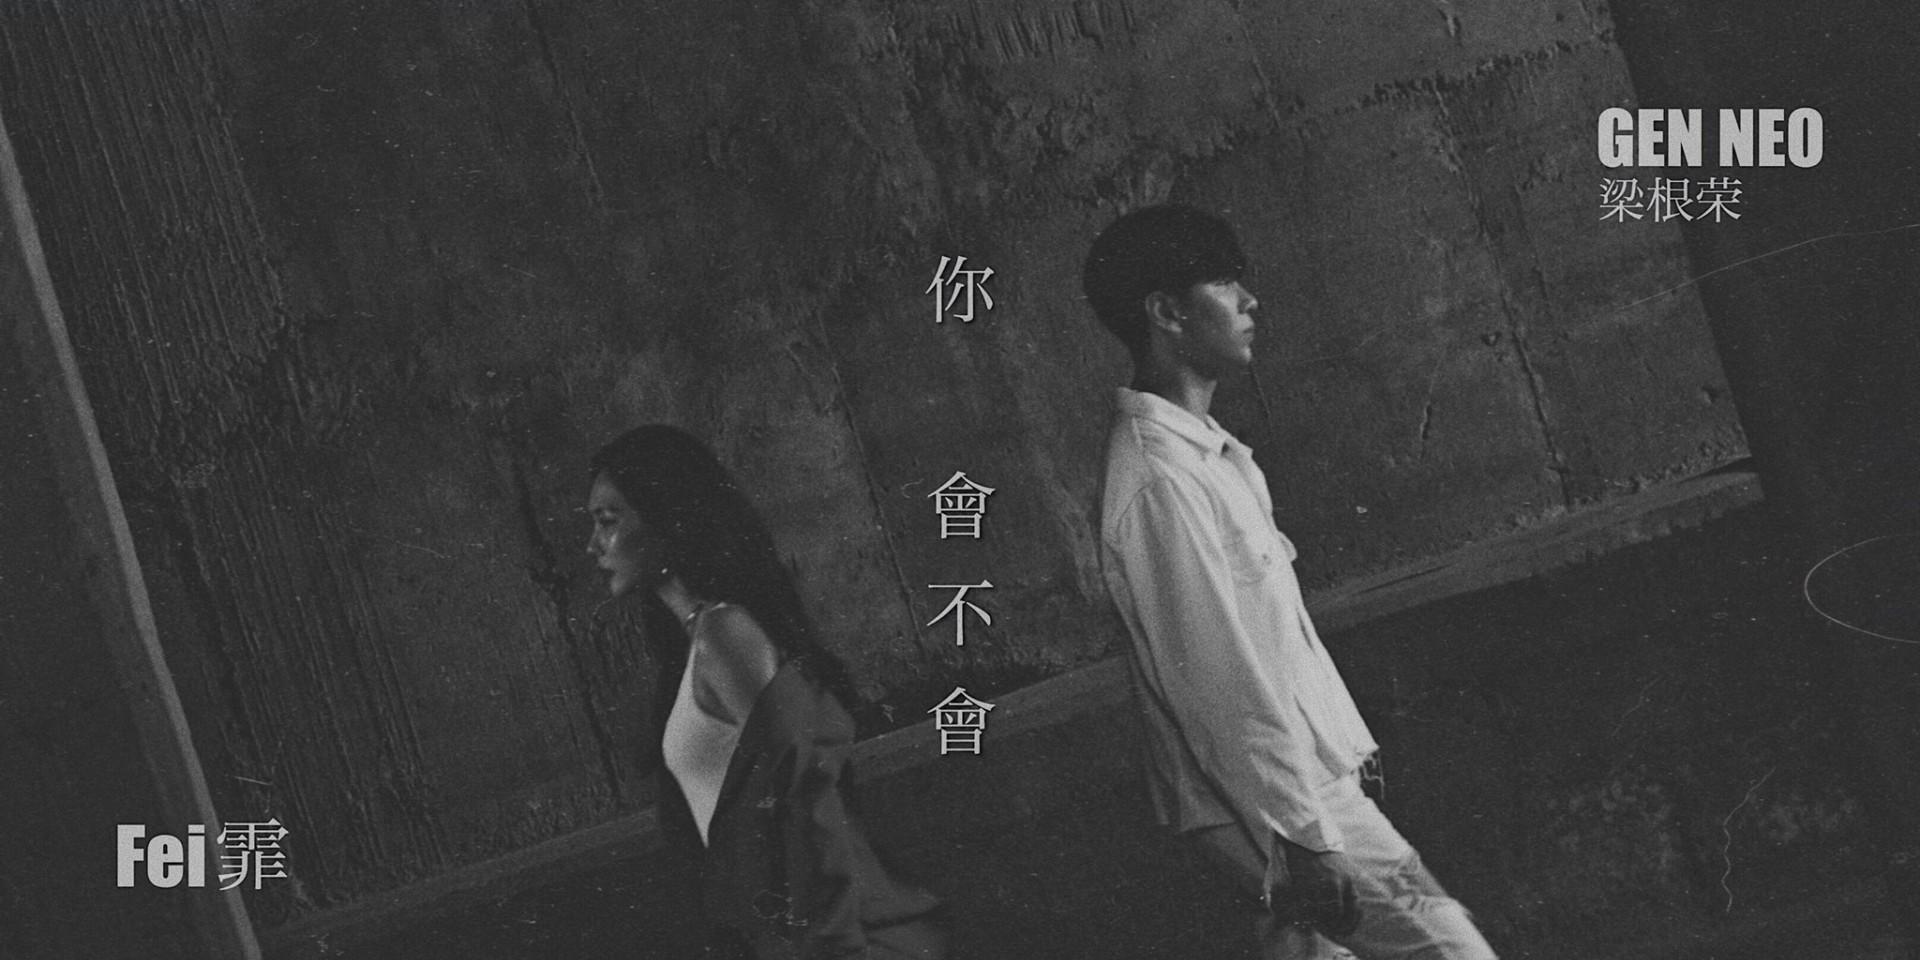 梁根荣Fei携手合作发行新单曲